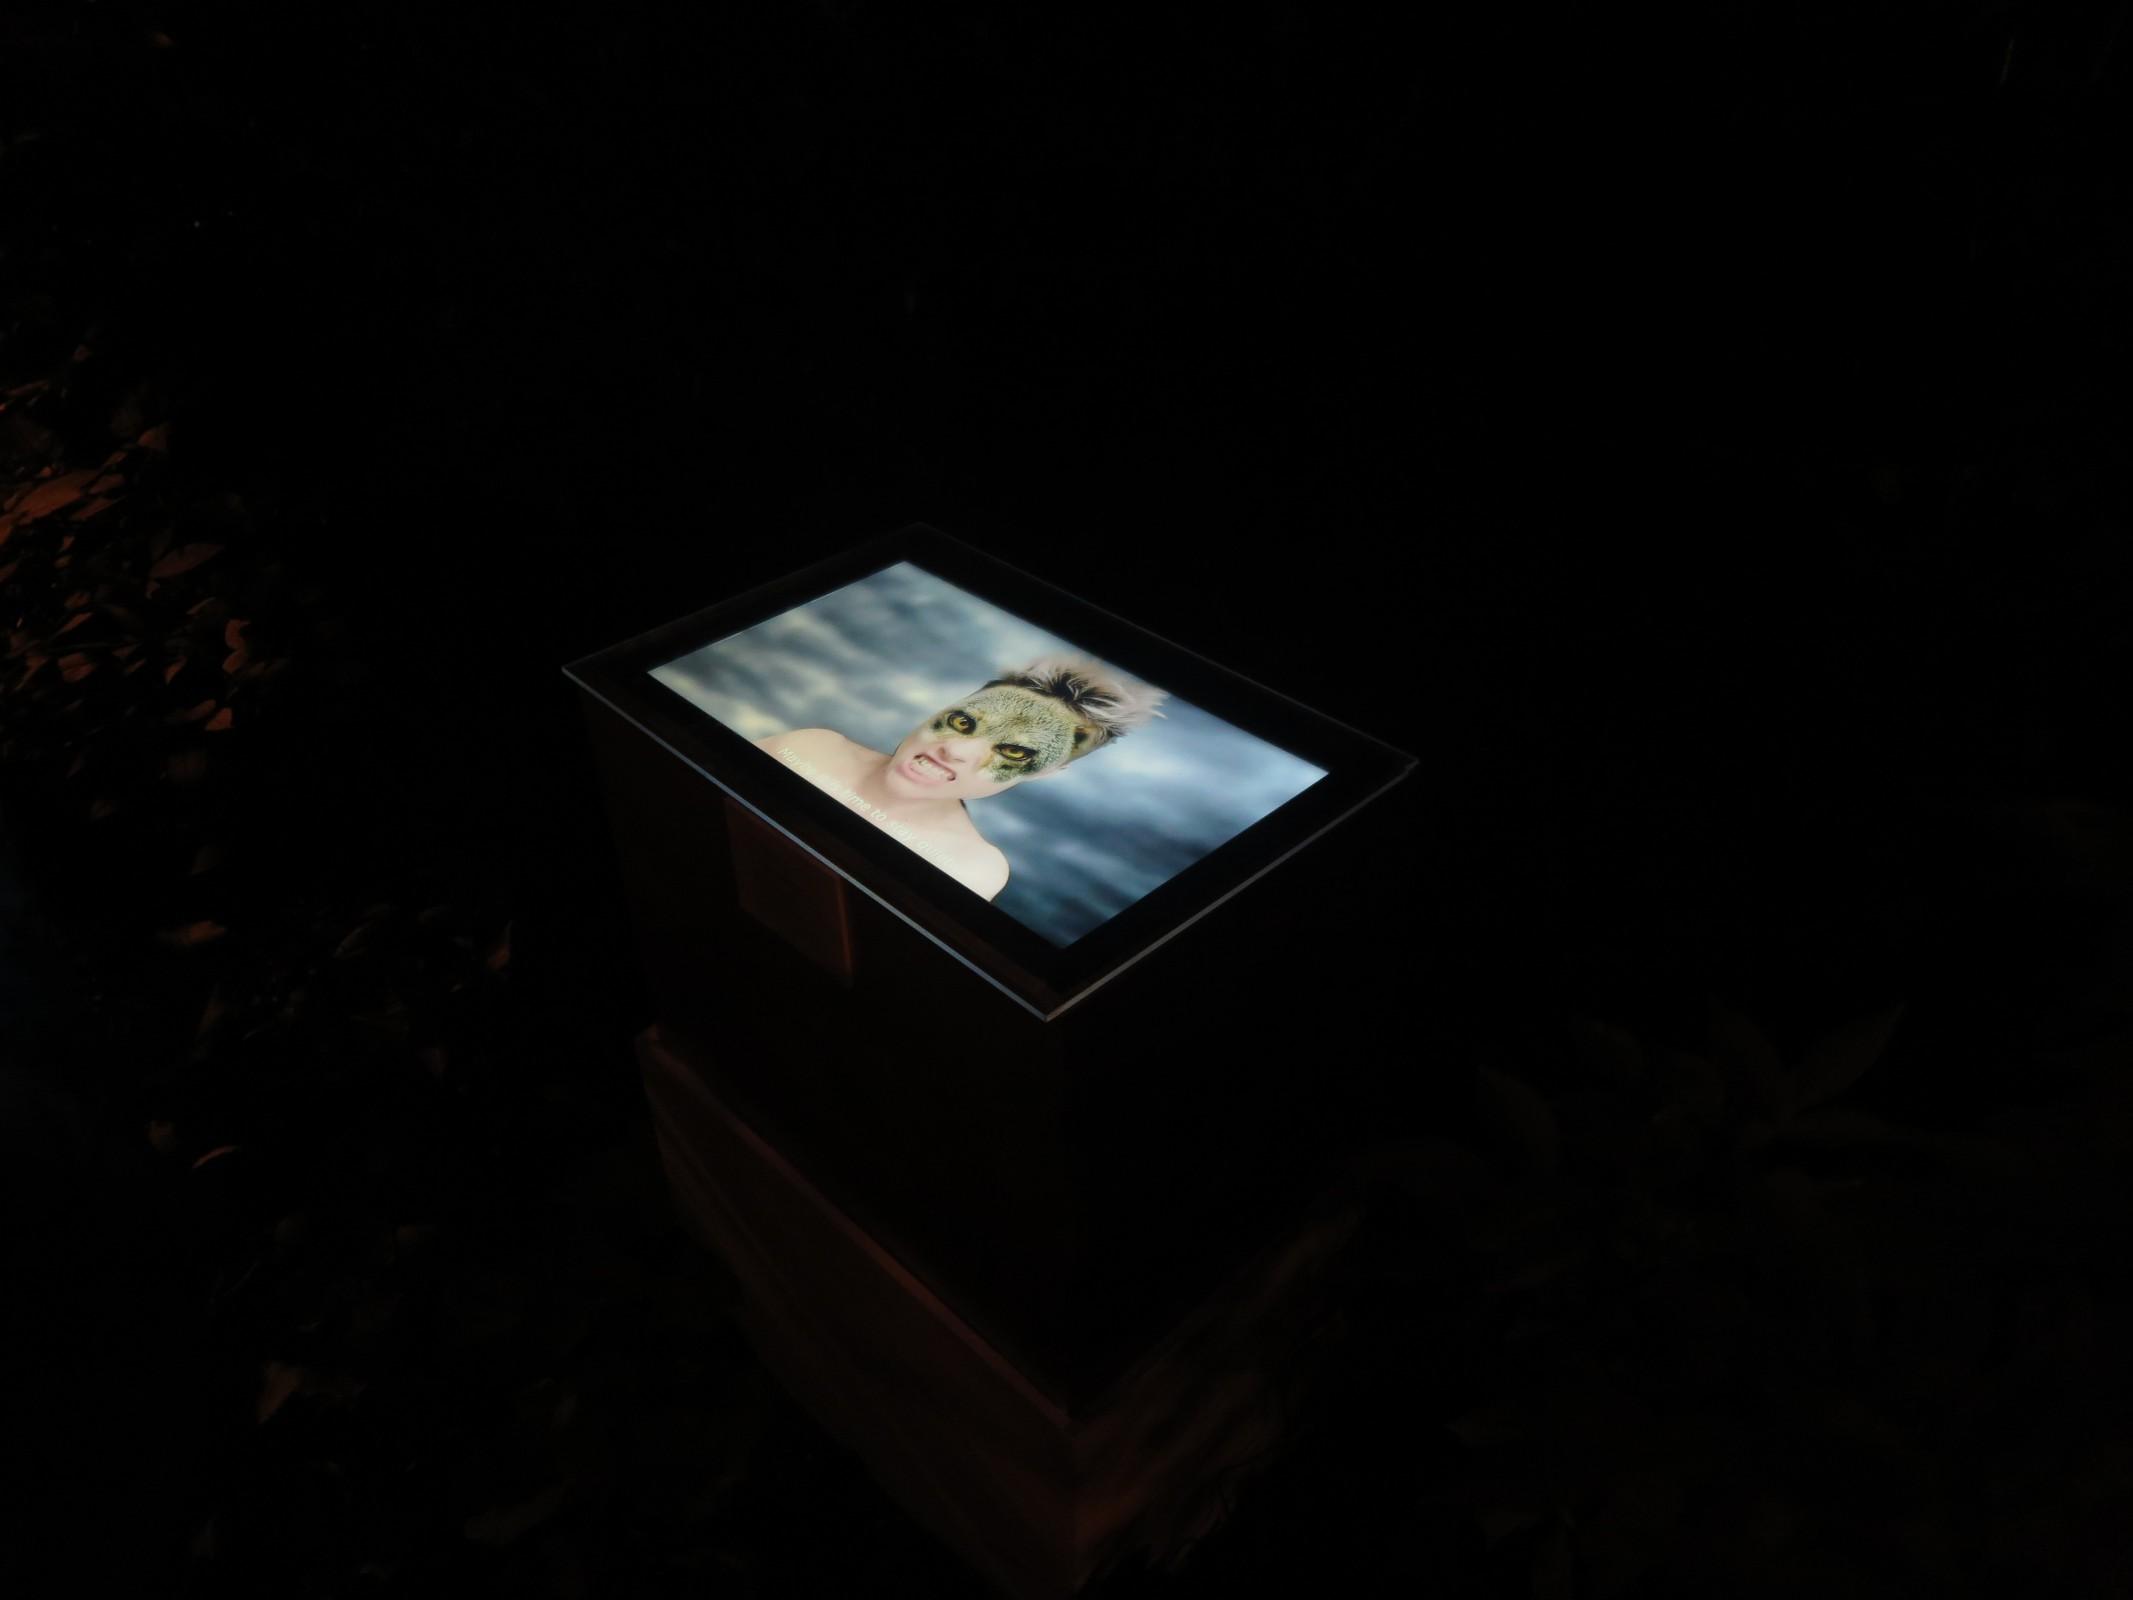 Video ergens opgesteld in de tuin, maker video onbekend.